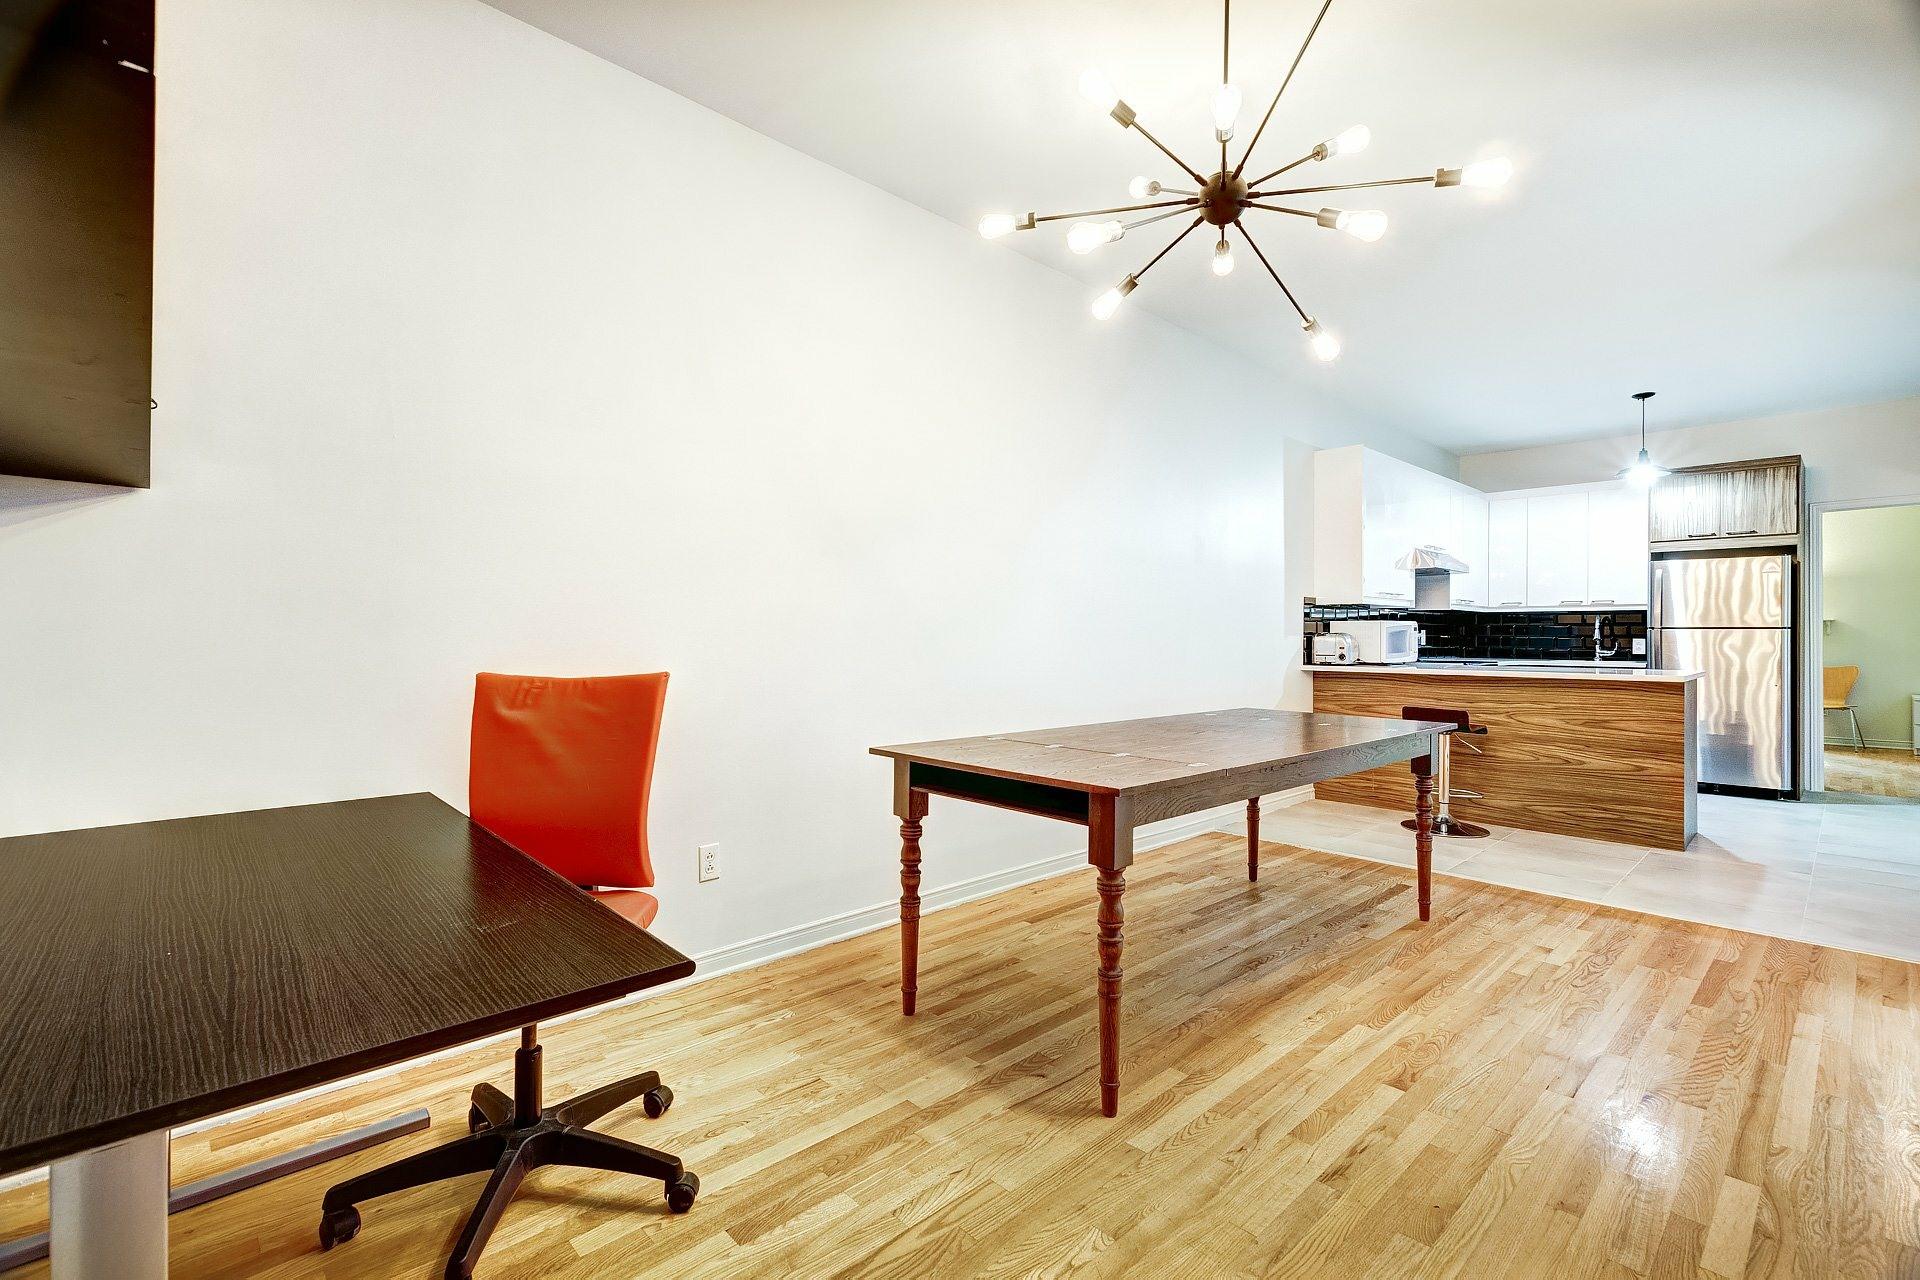 image 3 - Appartement À louer Montréal Outremont  - 5 pièces